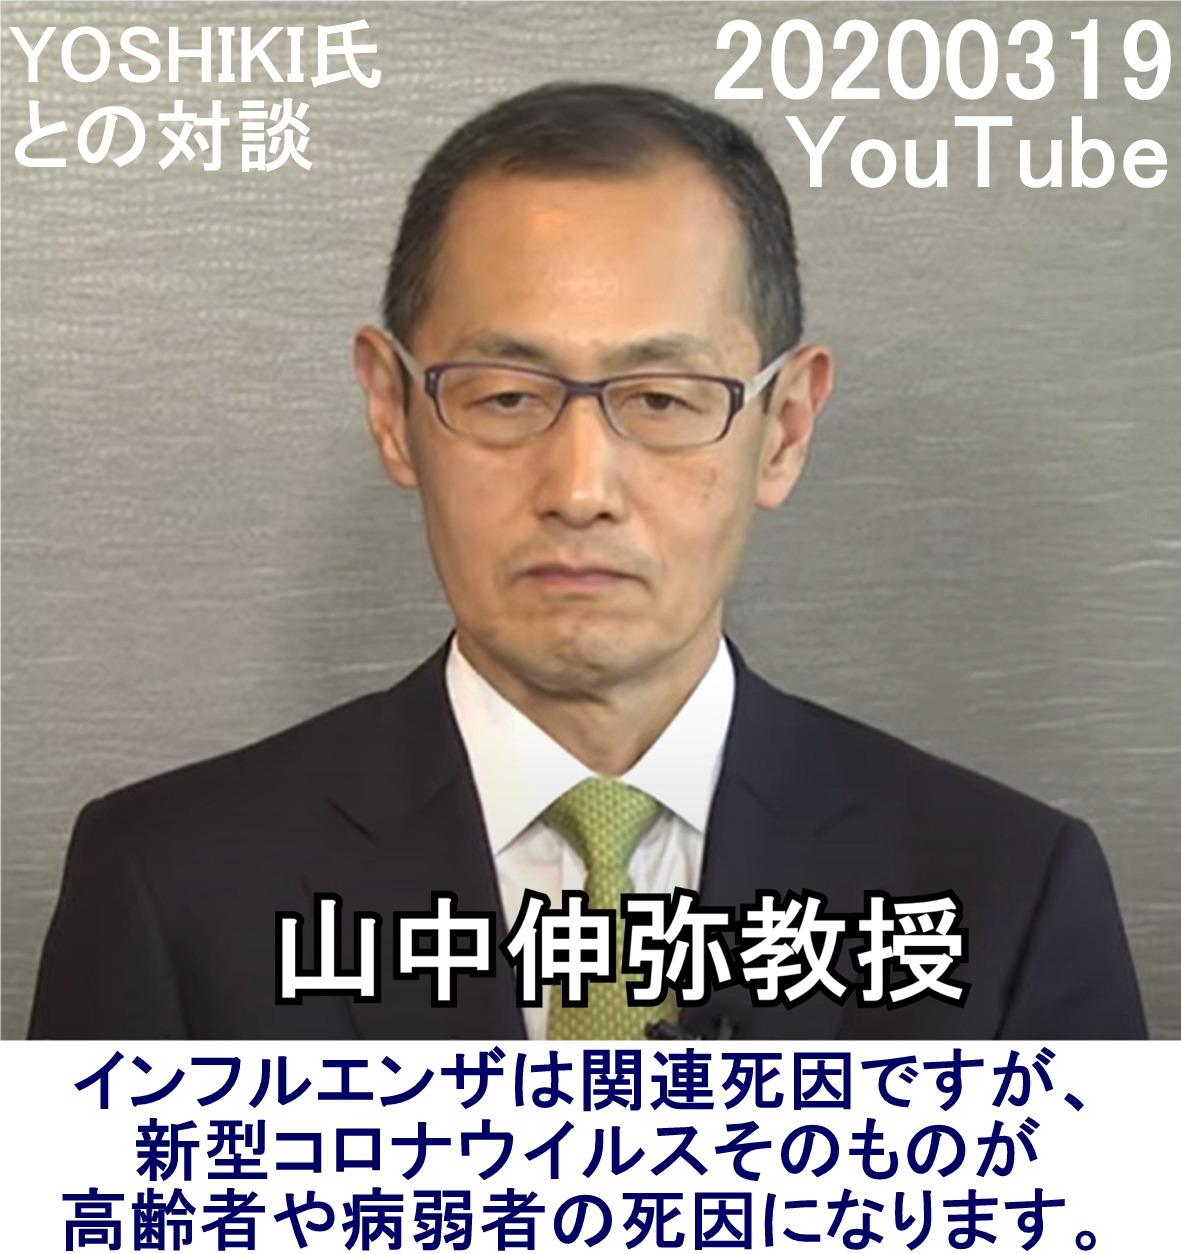 中山 伸弥 ホームページ